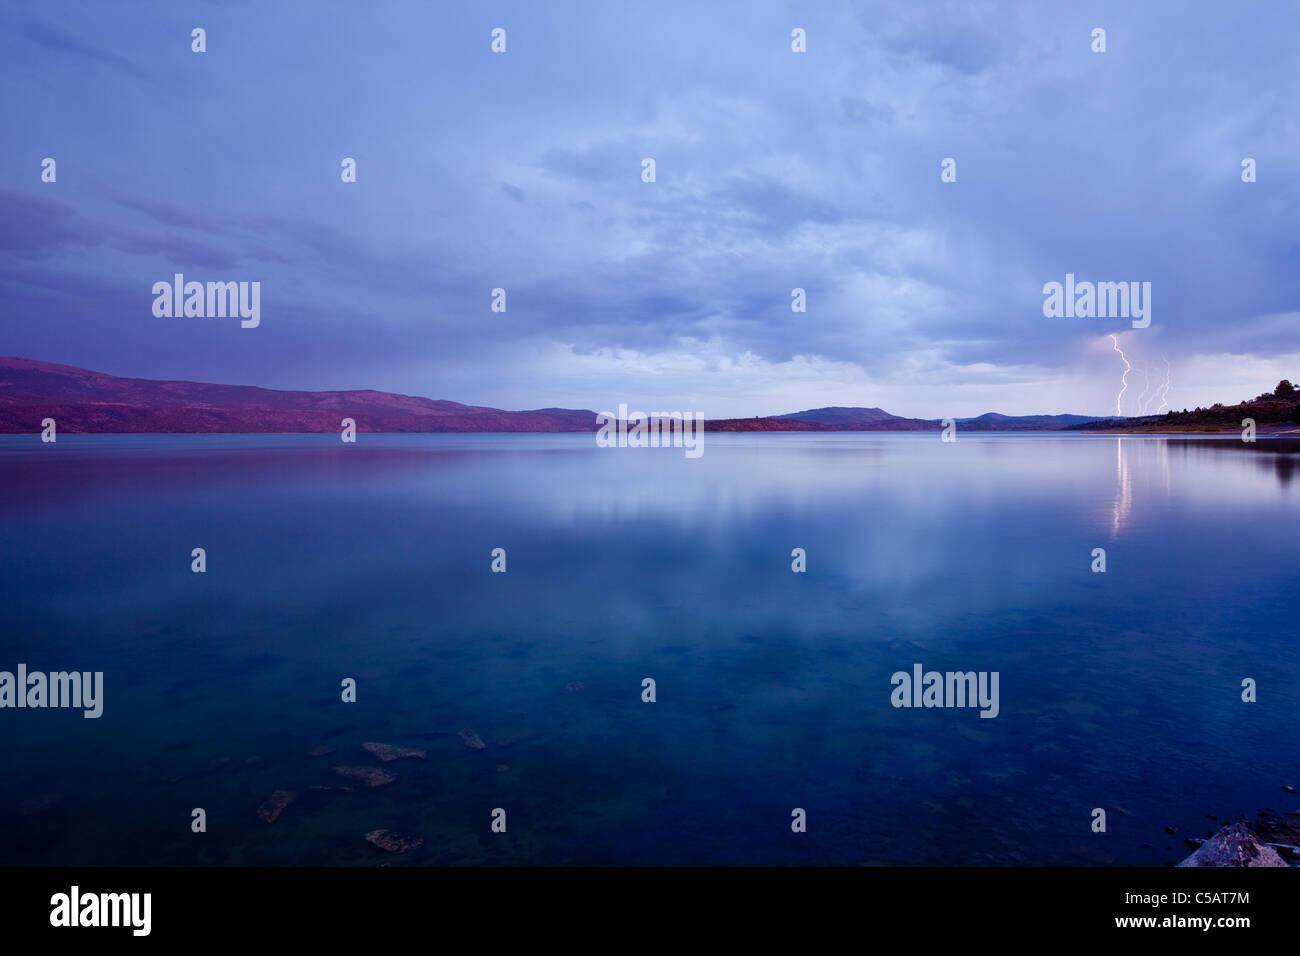 Relámpago sobre el lago al atardecer. Imagen De Stock